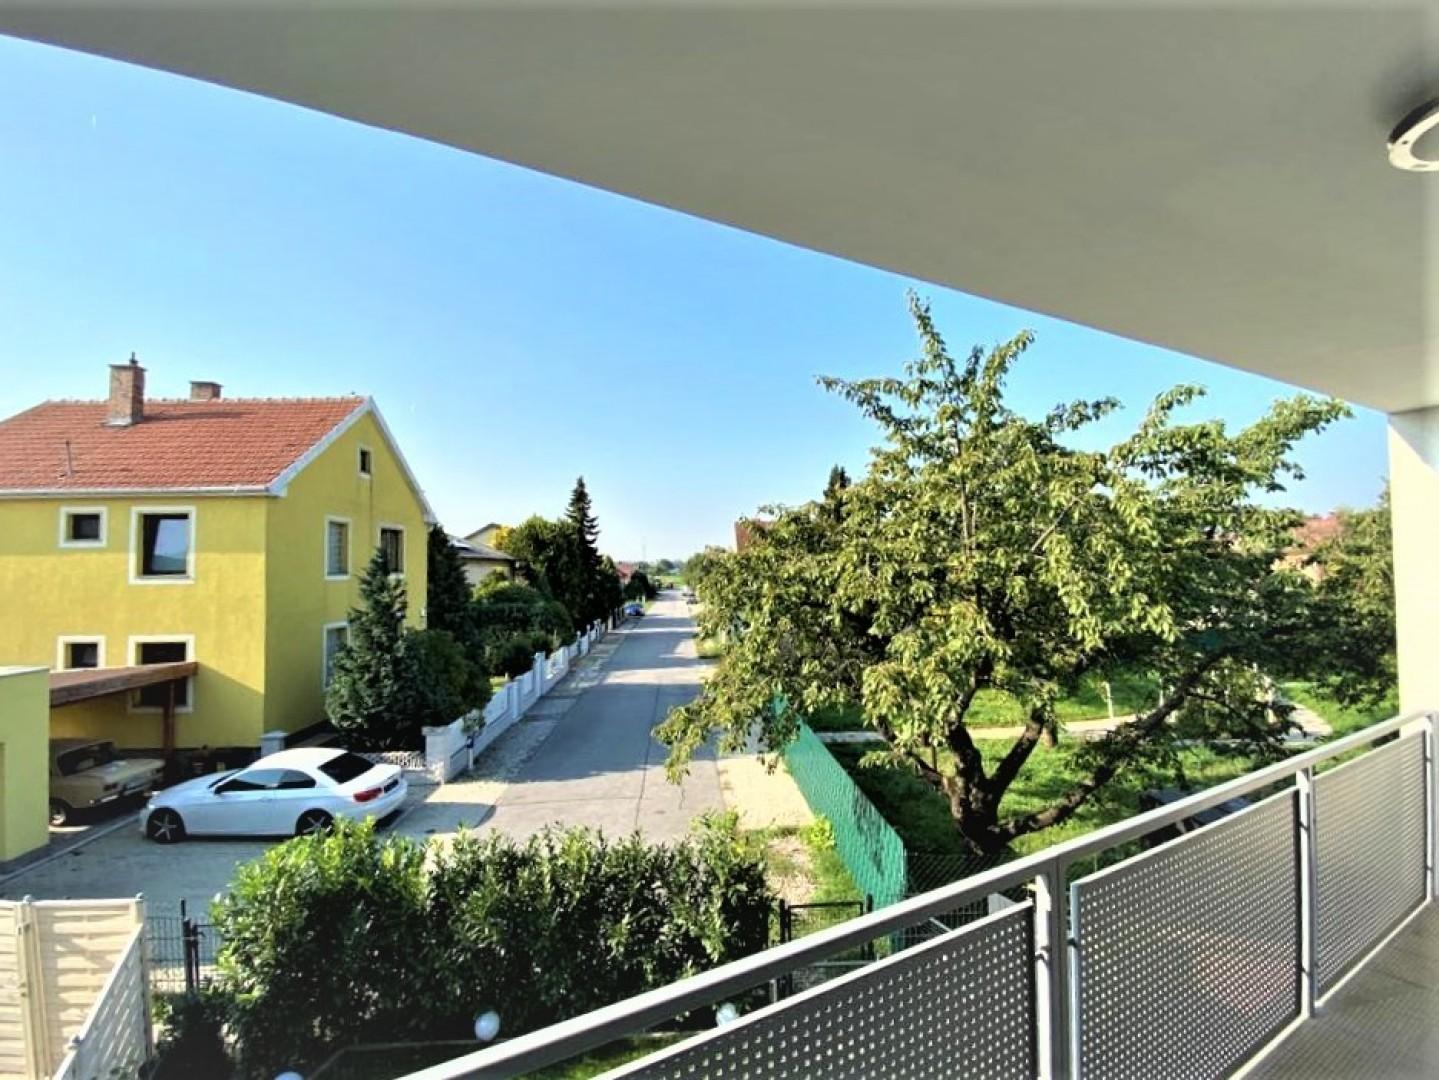 Wohnen mit großzügigen Räumen und großem, sonnigen Balkon!